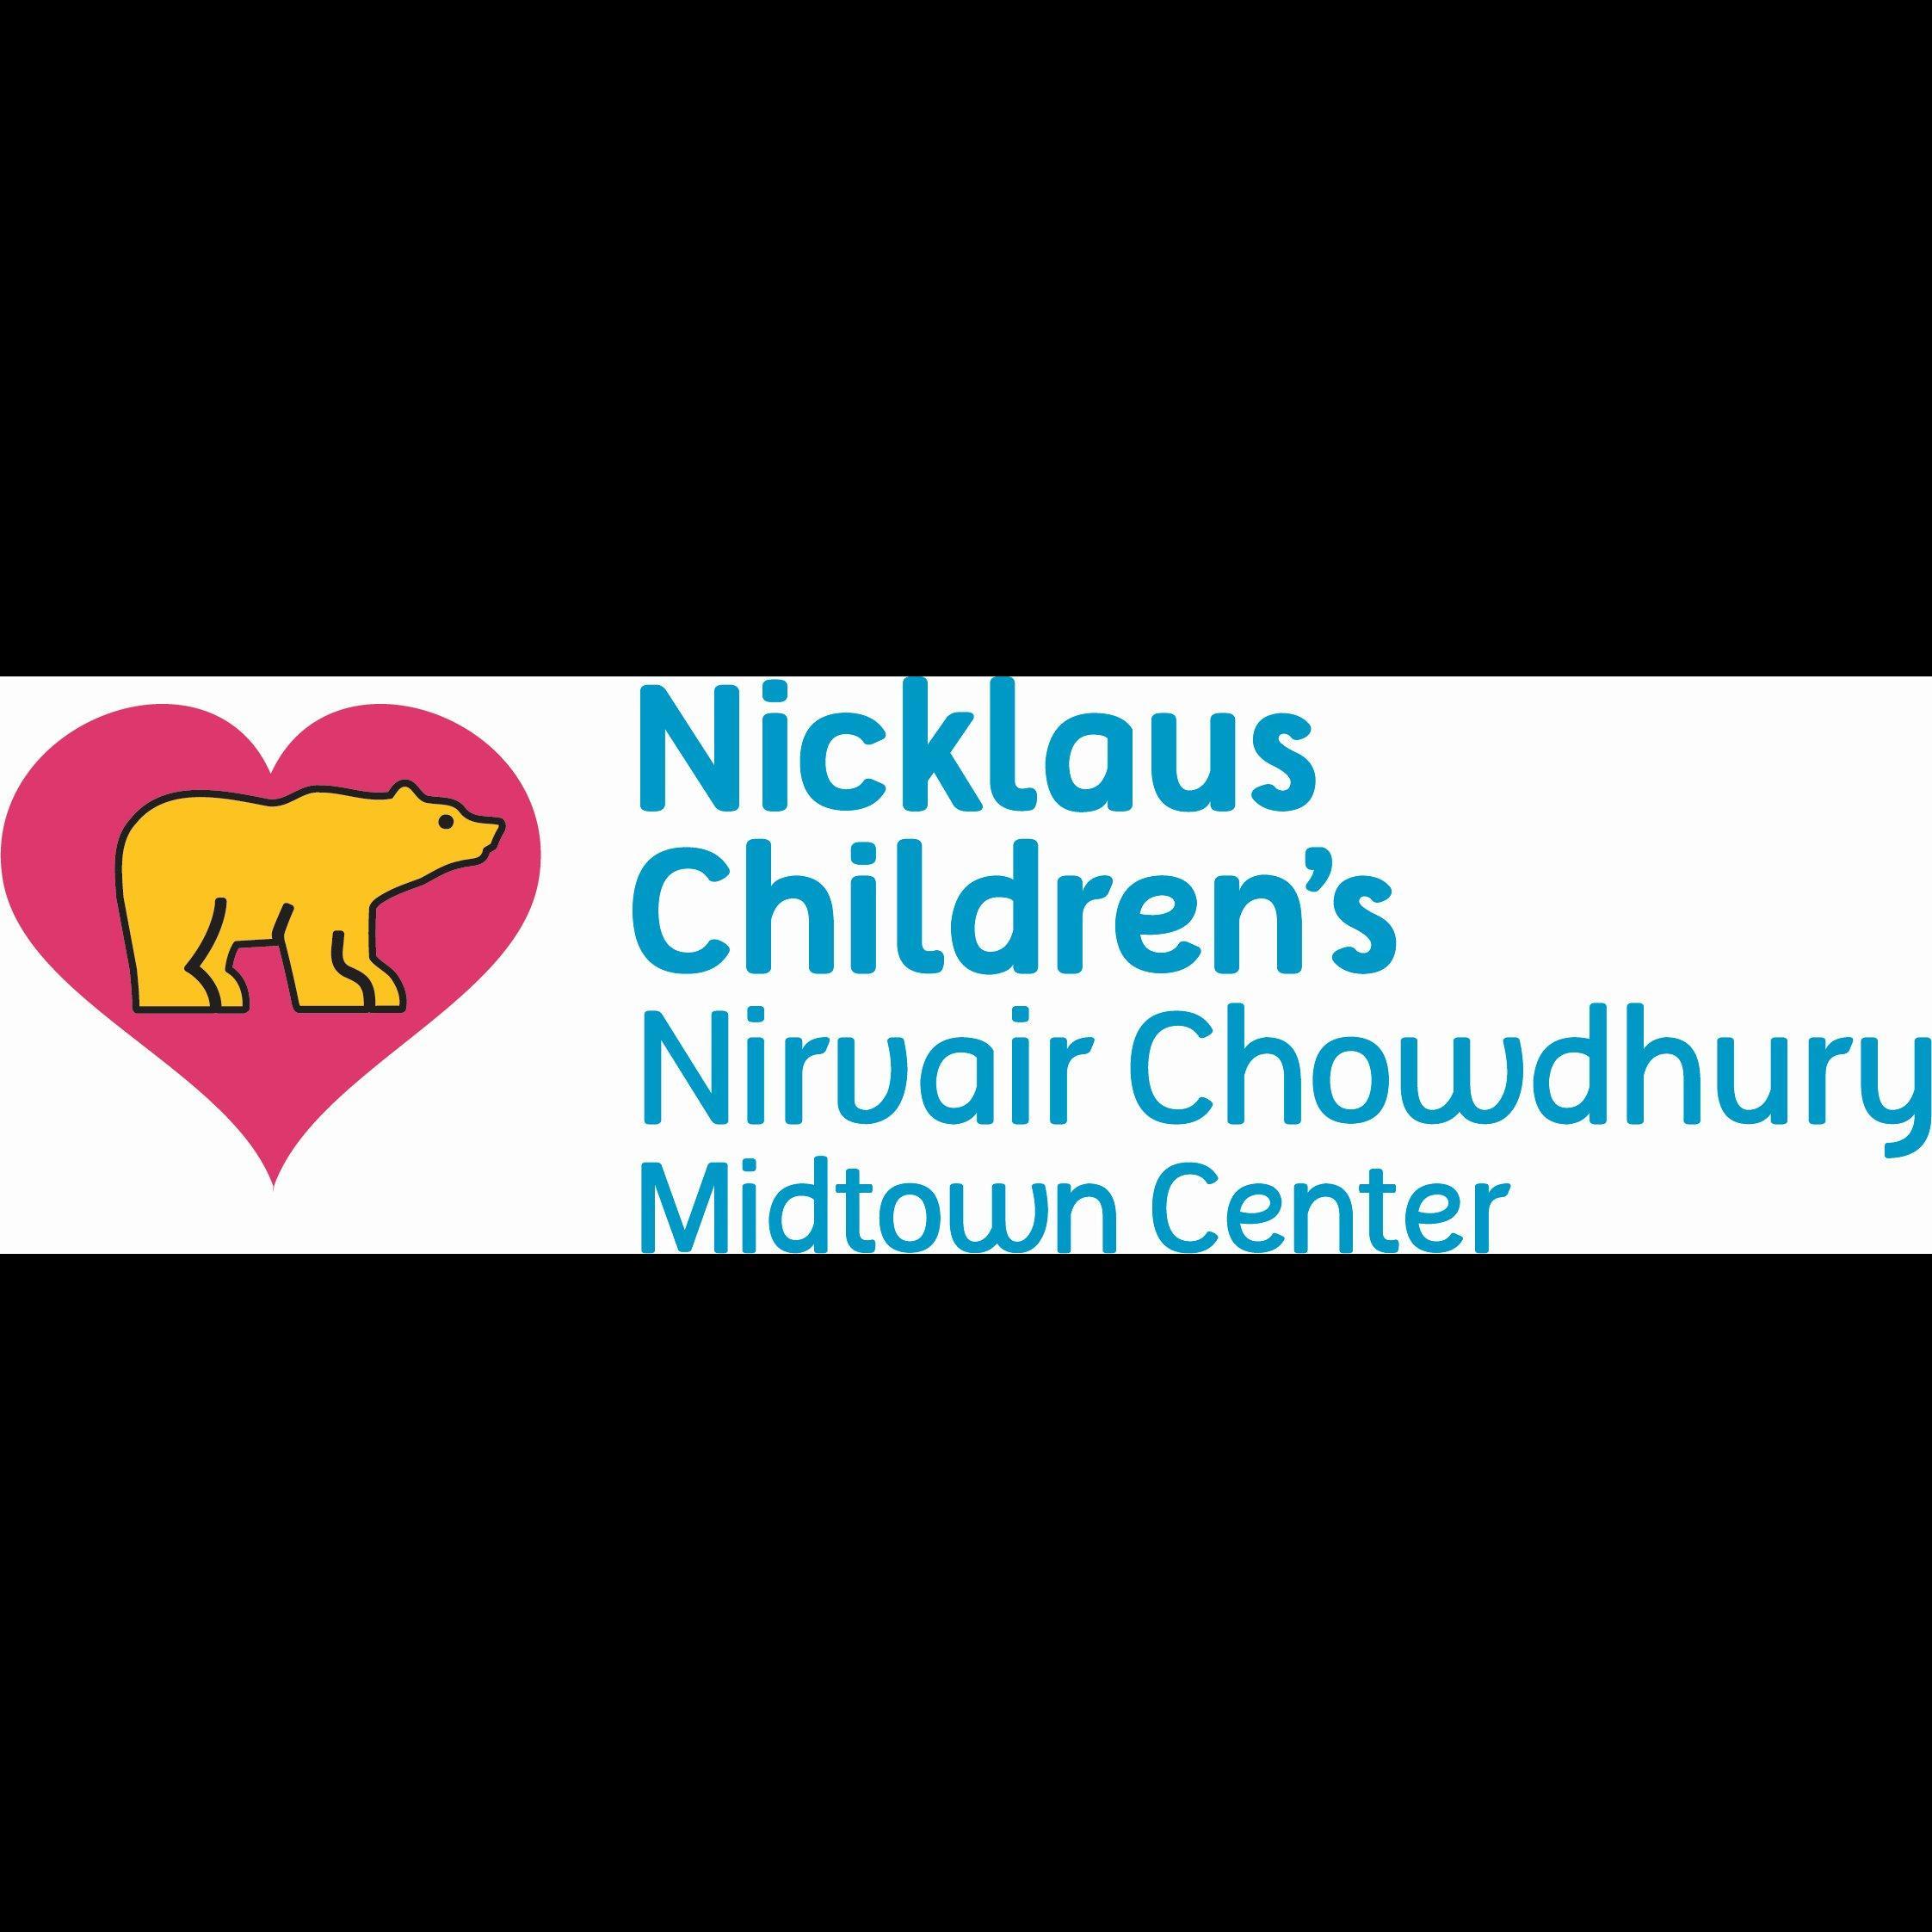 Nicklaus Children's Nirvair Chowdhury Midtown Center